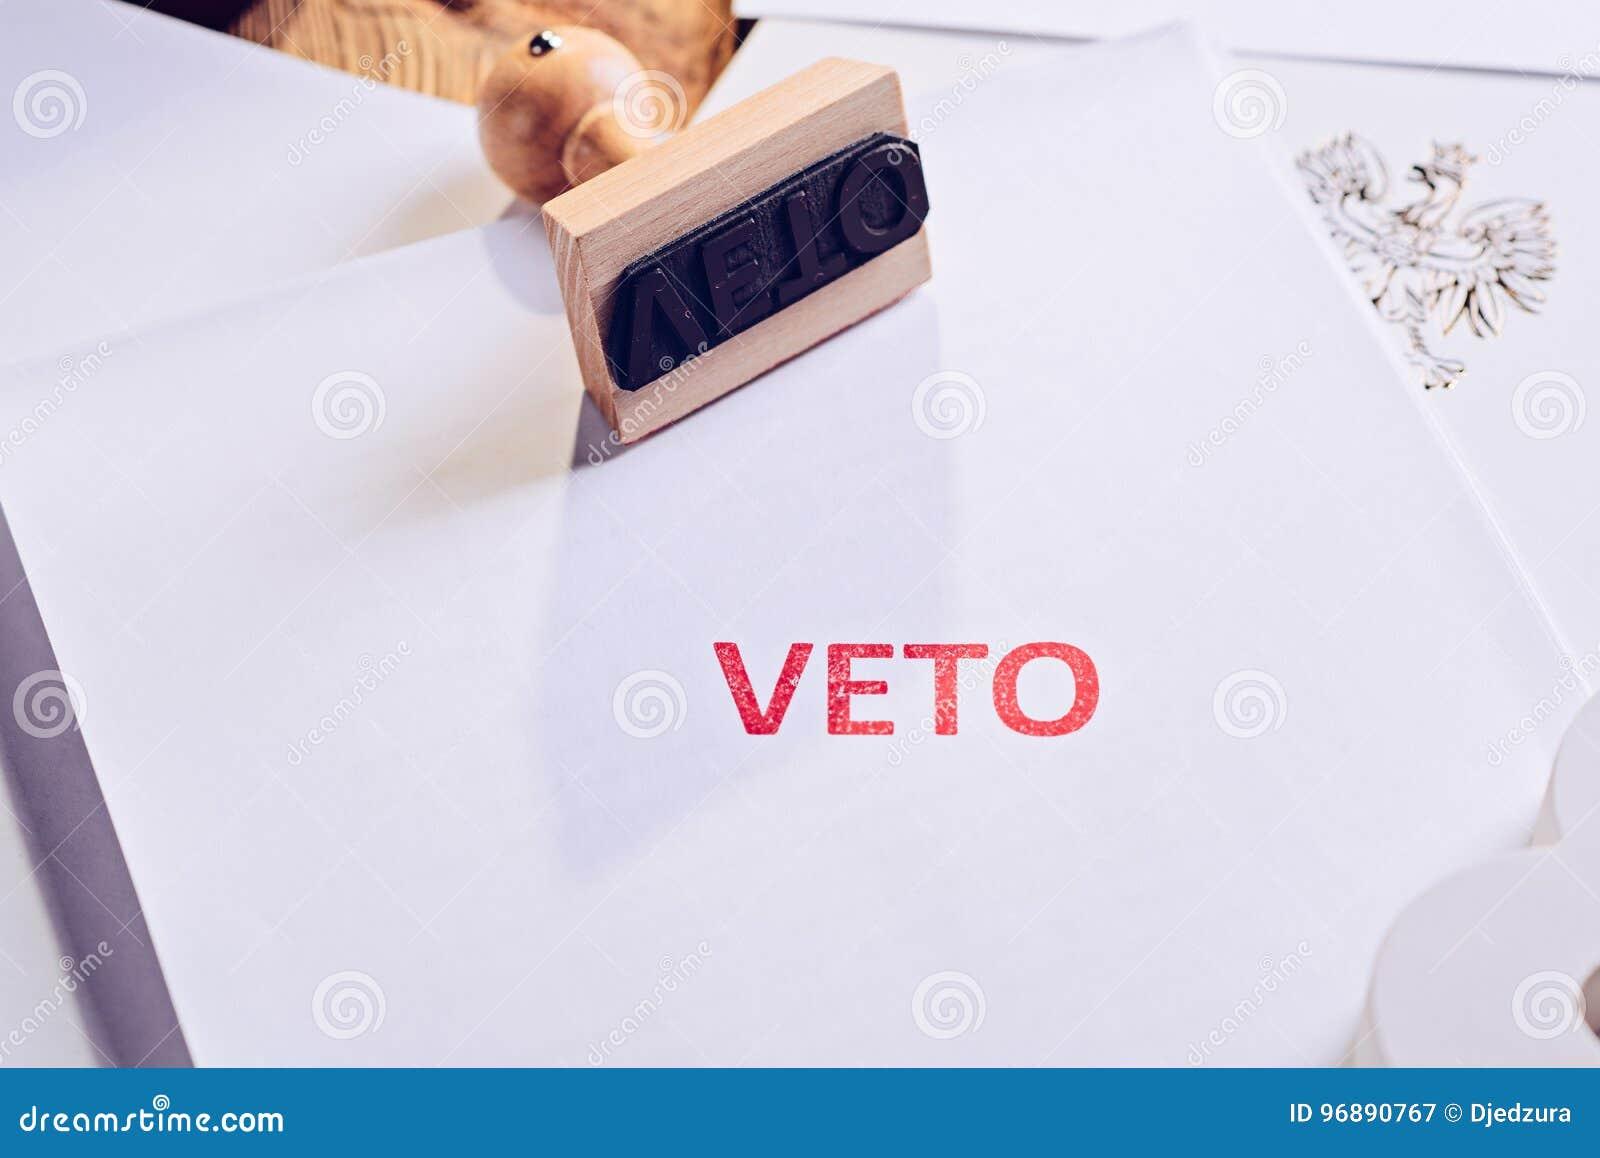 Поступок закона с красным штемпелем вето